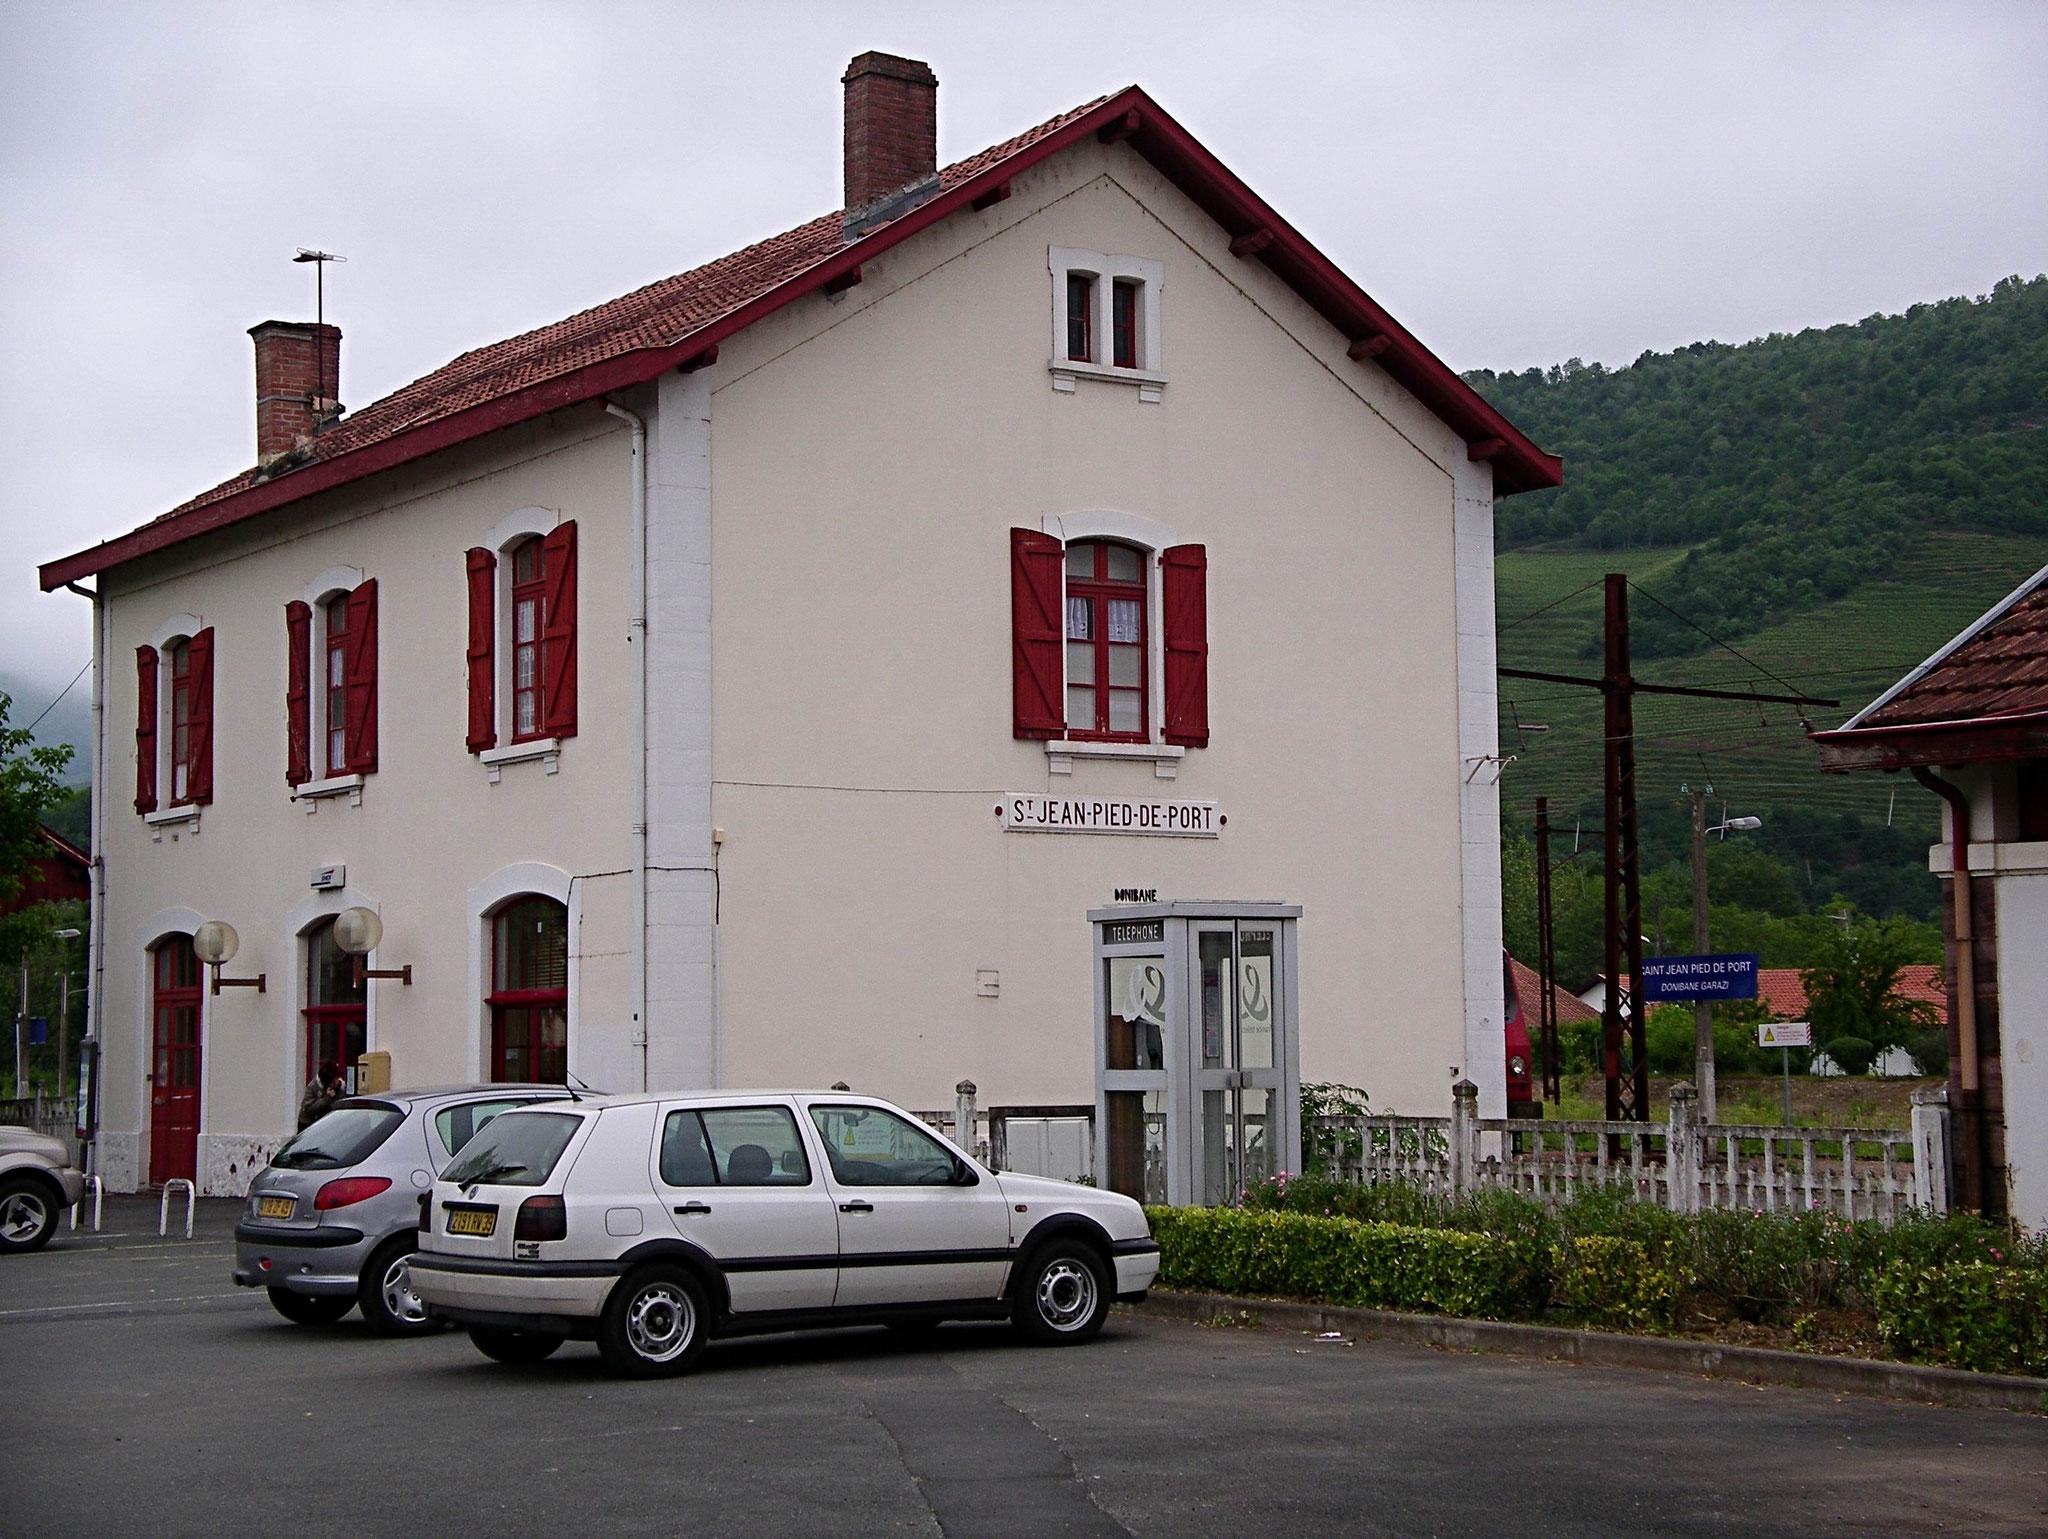 In den französichen Pyrenäen, der Bahnhof von St.-Jean-Pied-de-Port